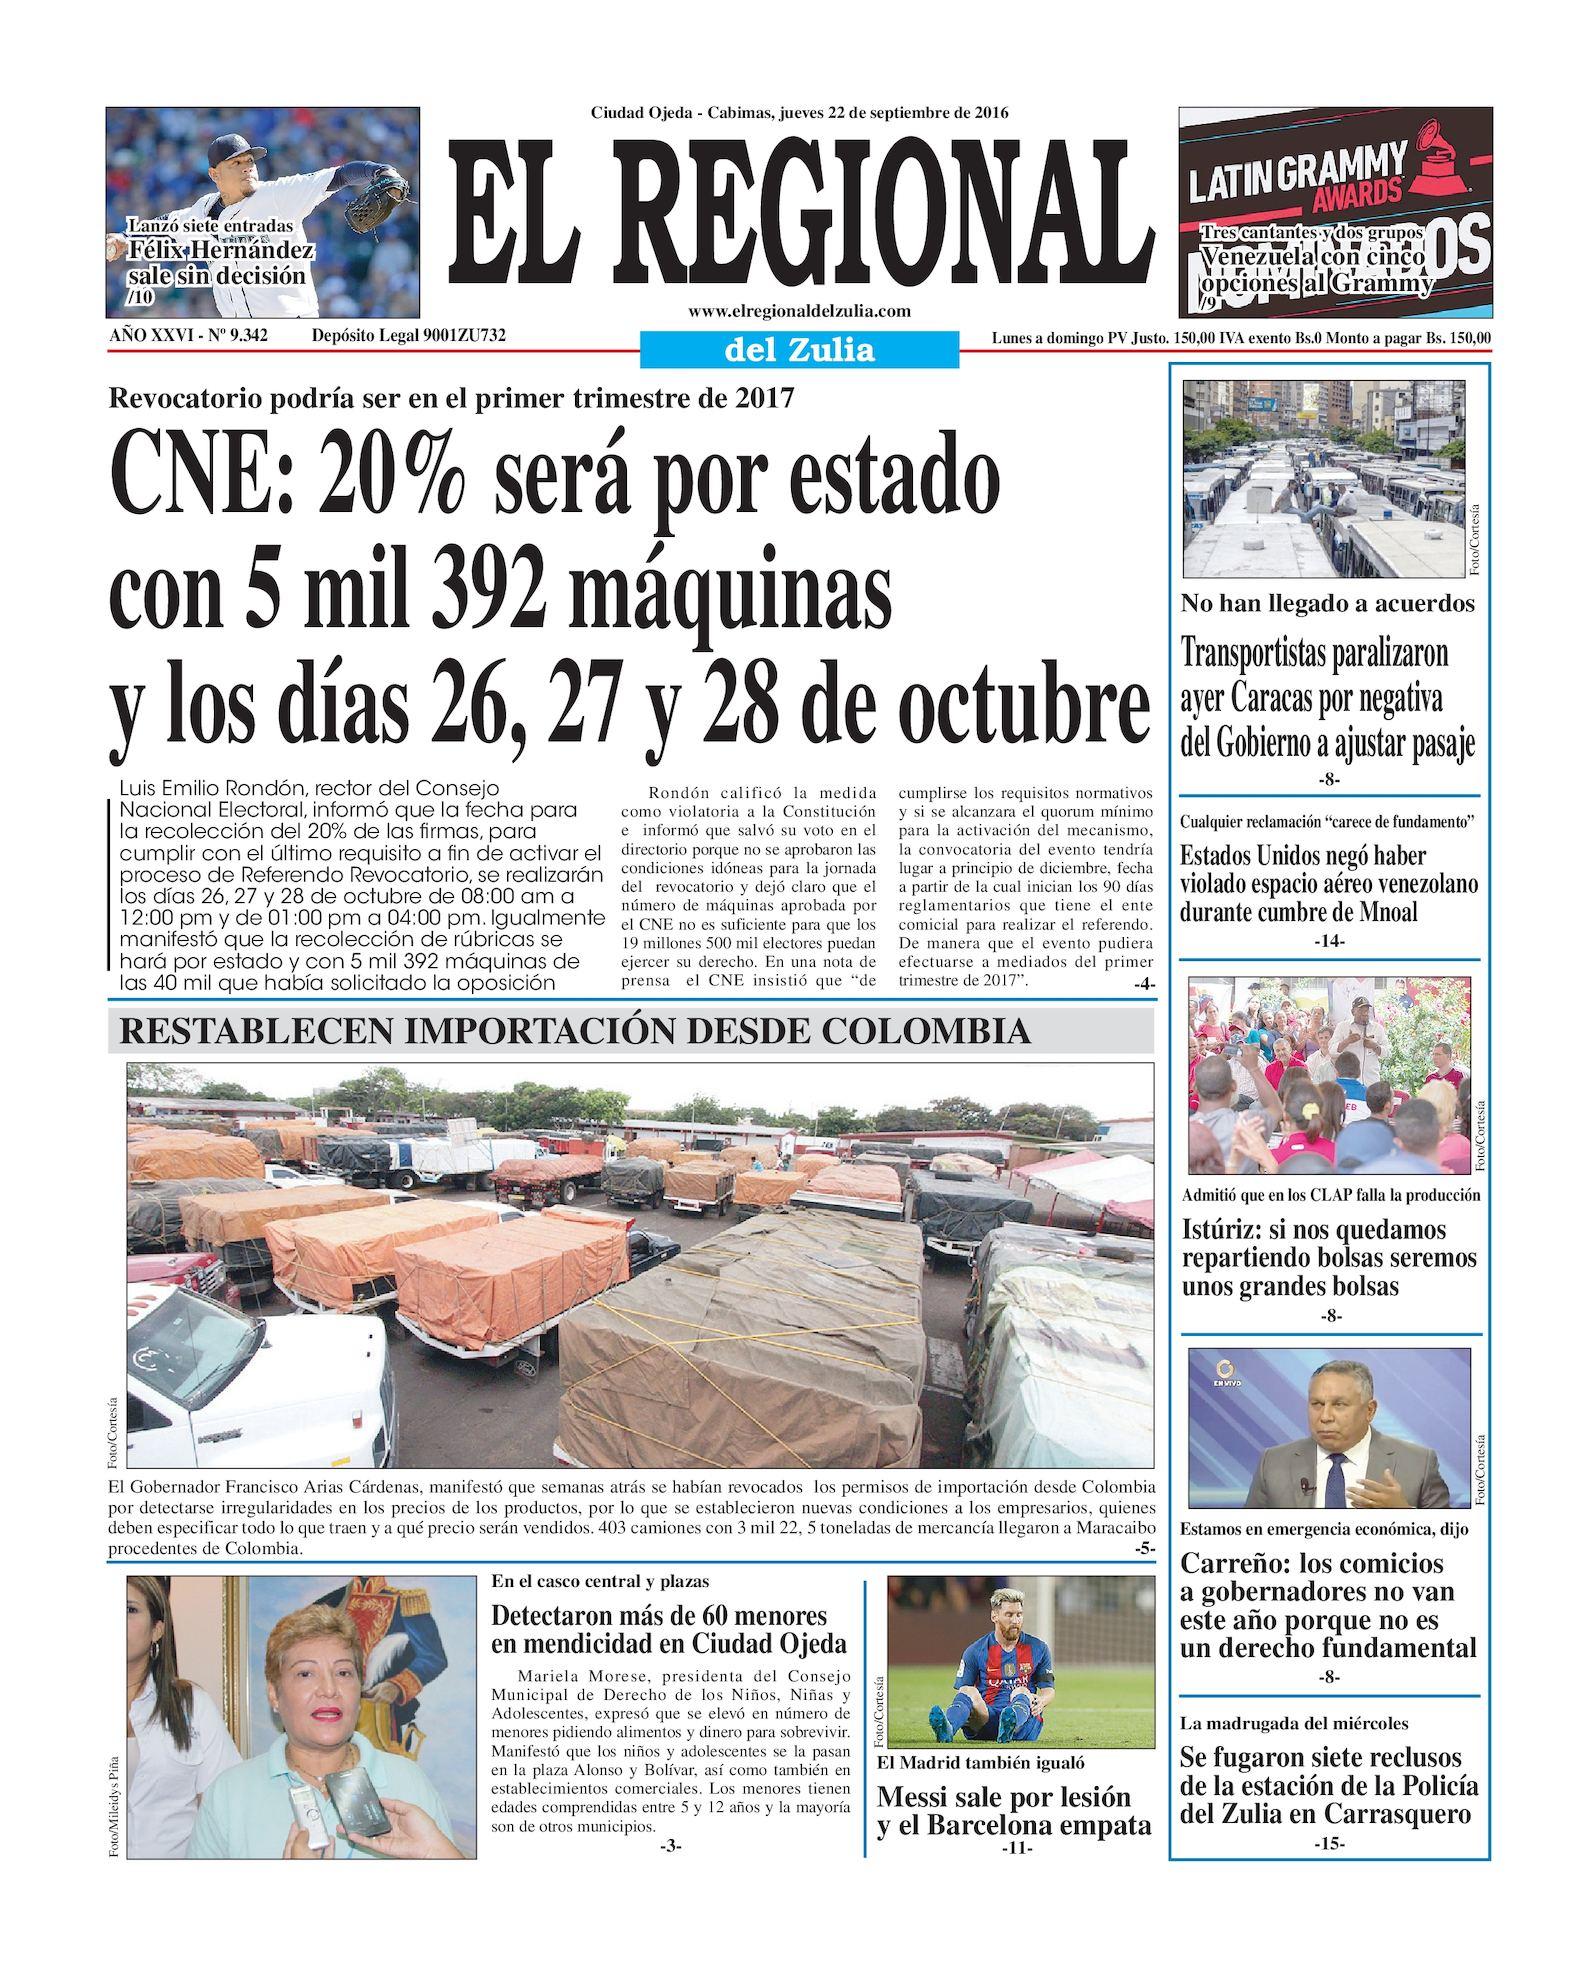 Calaméo - El Regional del Zulia 22-09-2016 decccbb324deb